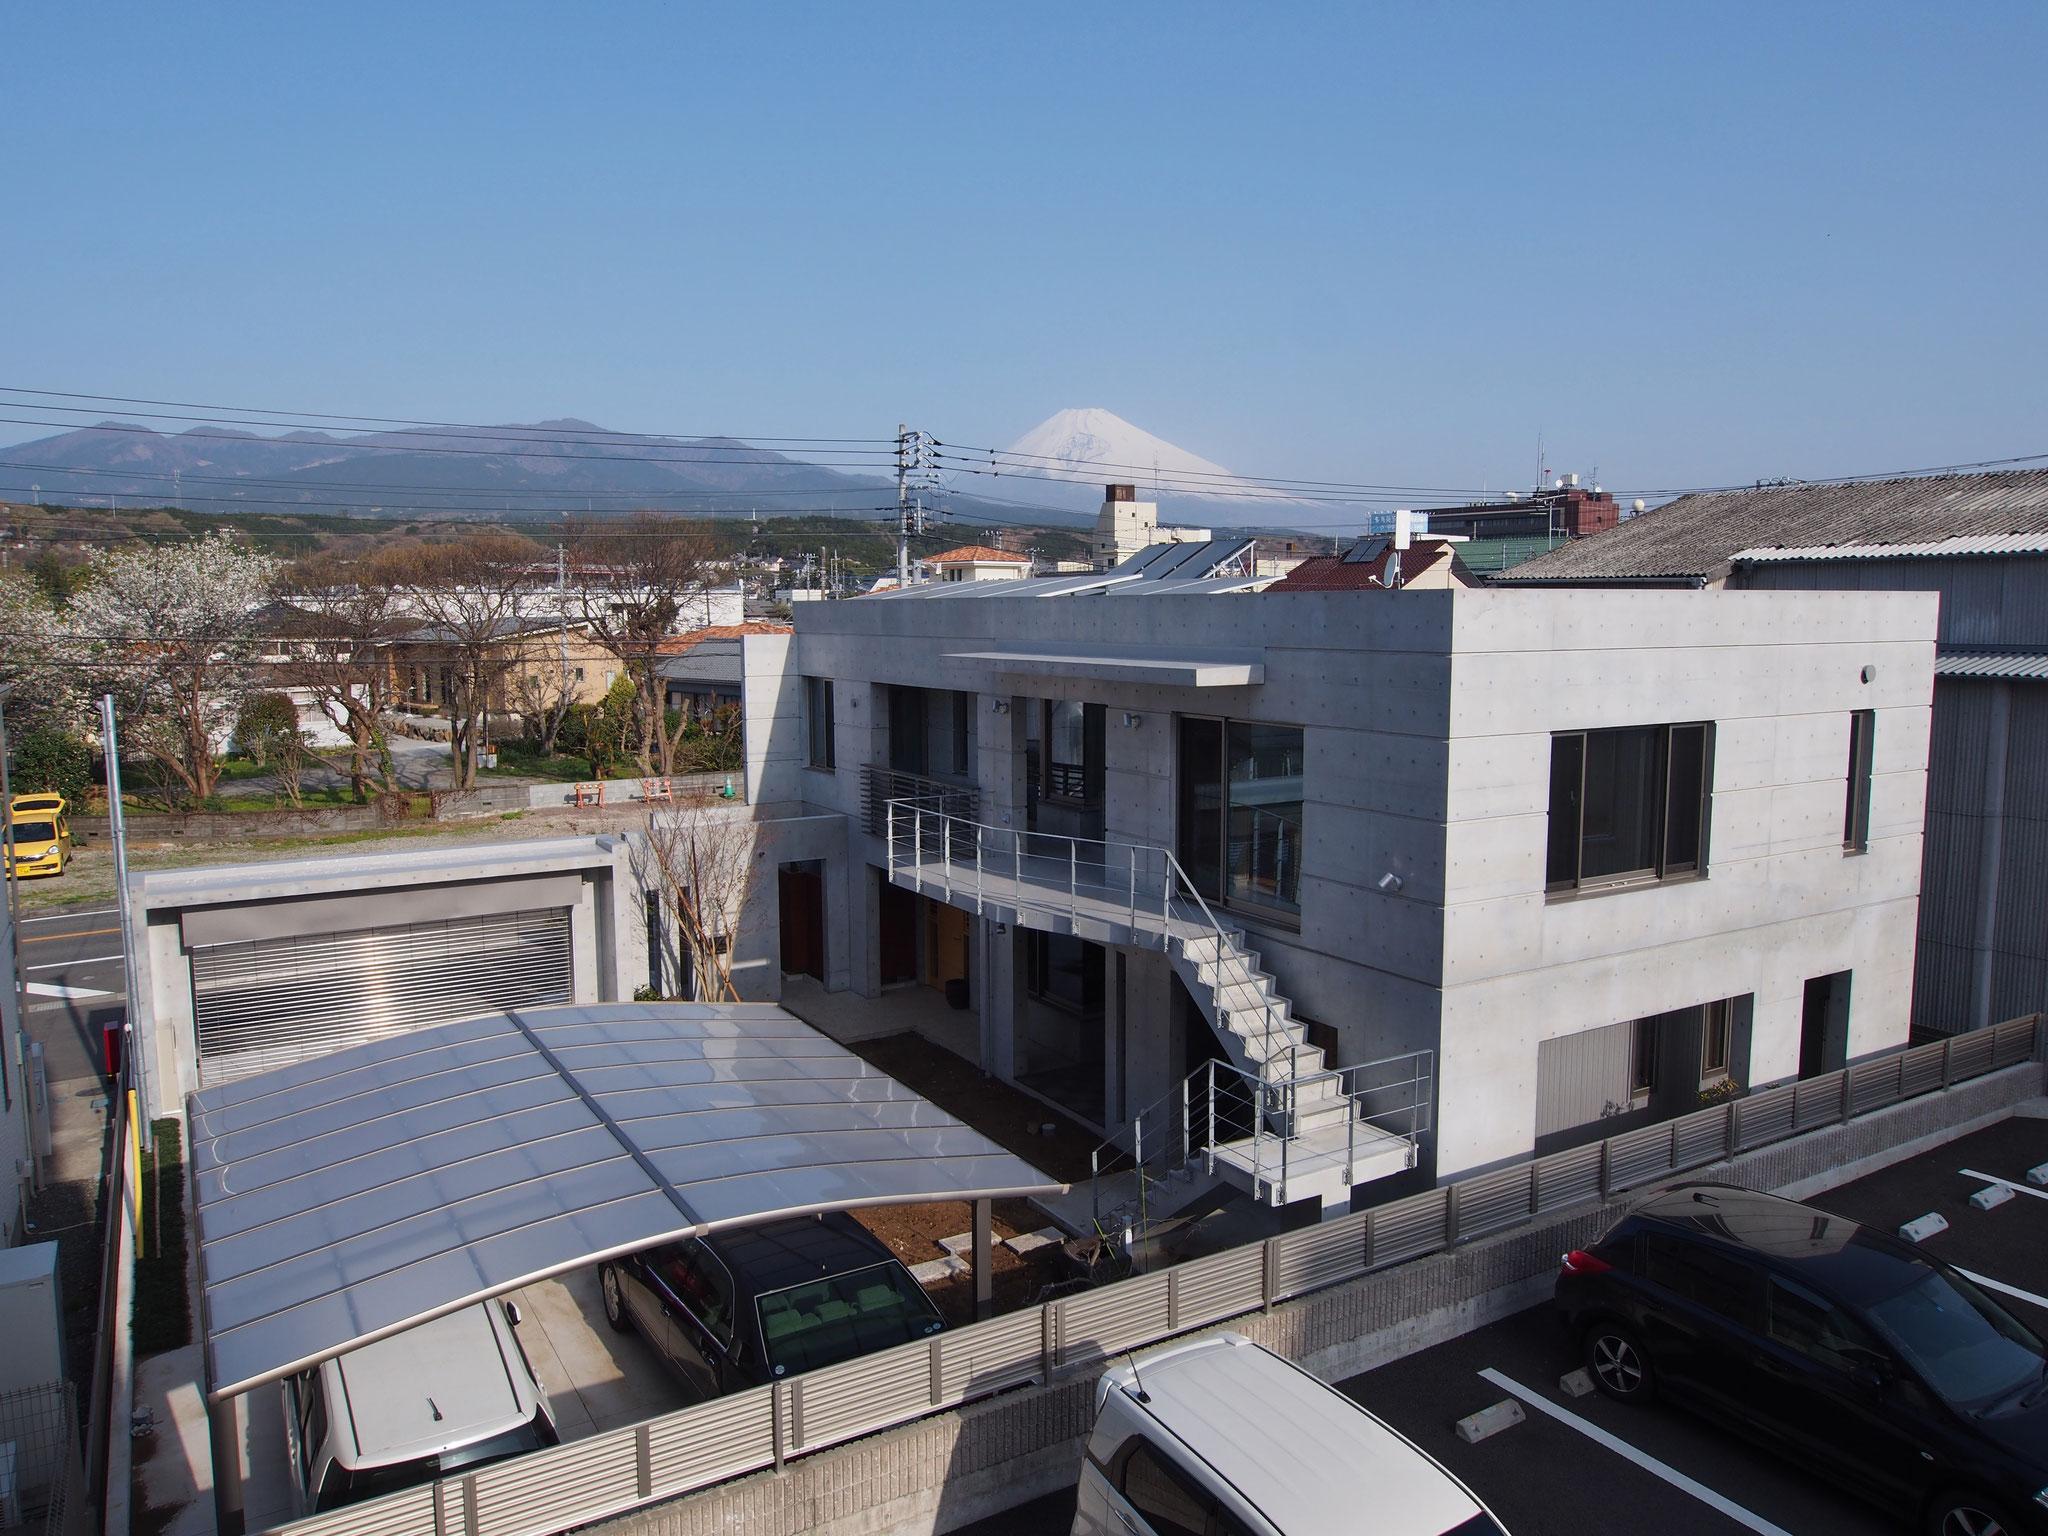 富士山を背景に建物俯瞰